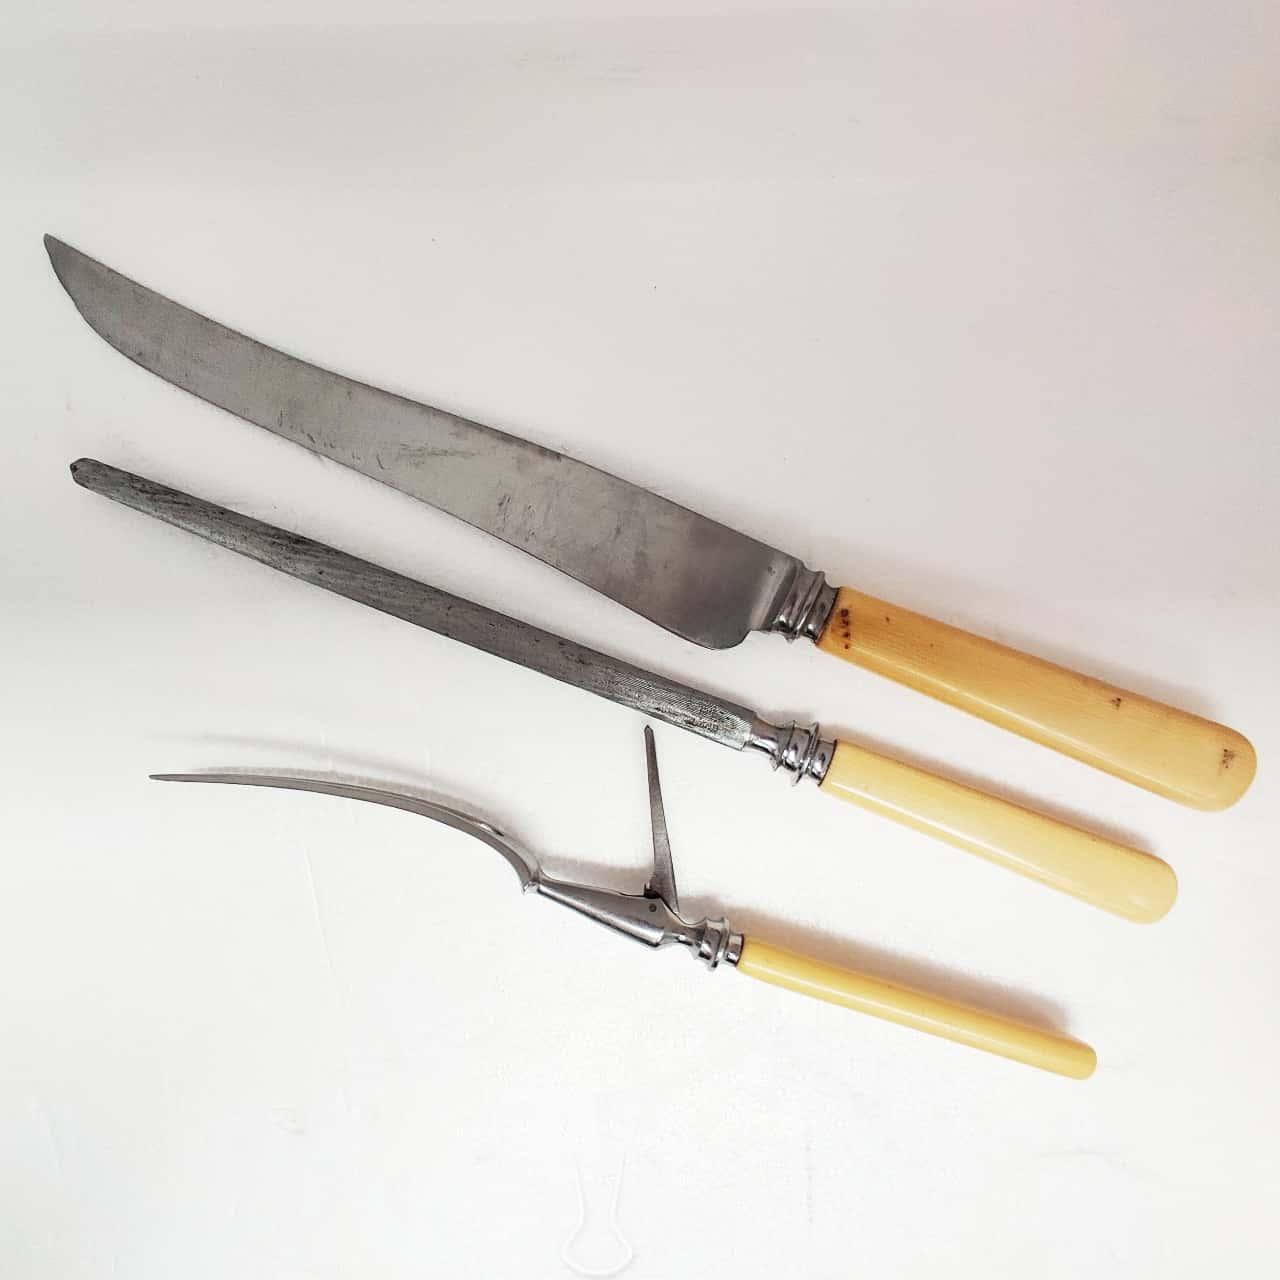 Stainless Steel Carving Knife Set including Knife Fork & Sharpening Steel